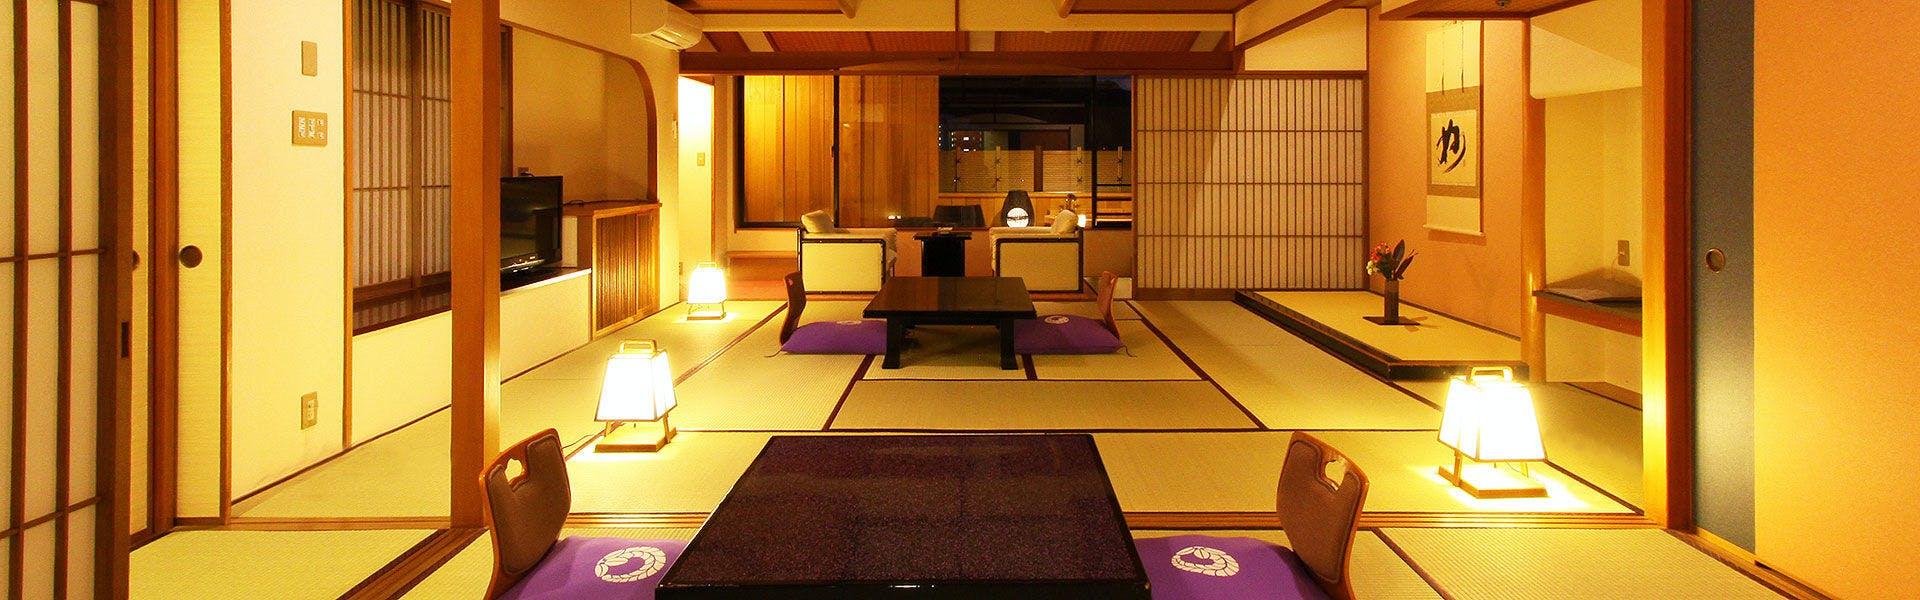 記念日におすすめのホテル・土肥ふじやホテルの写真3